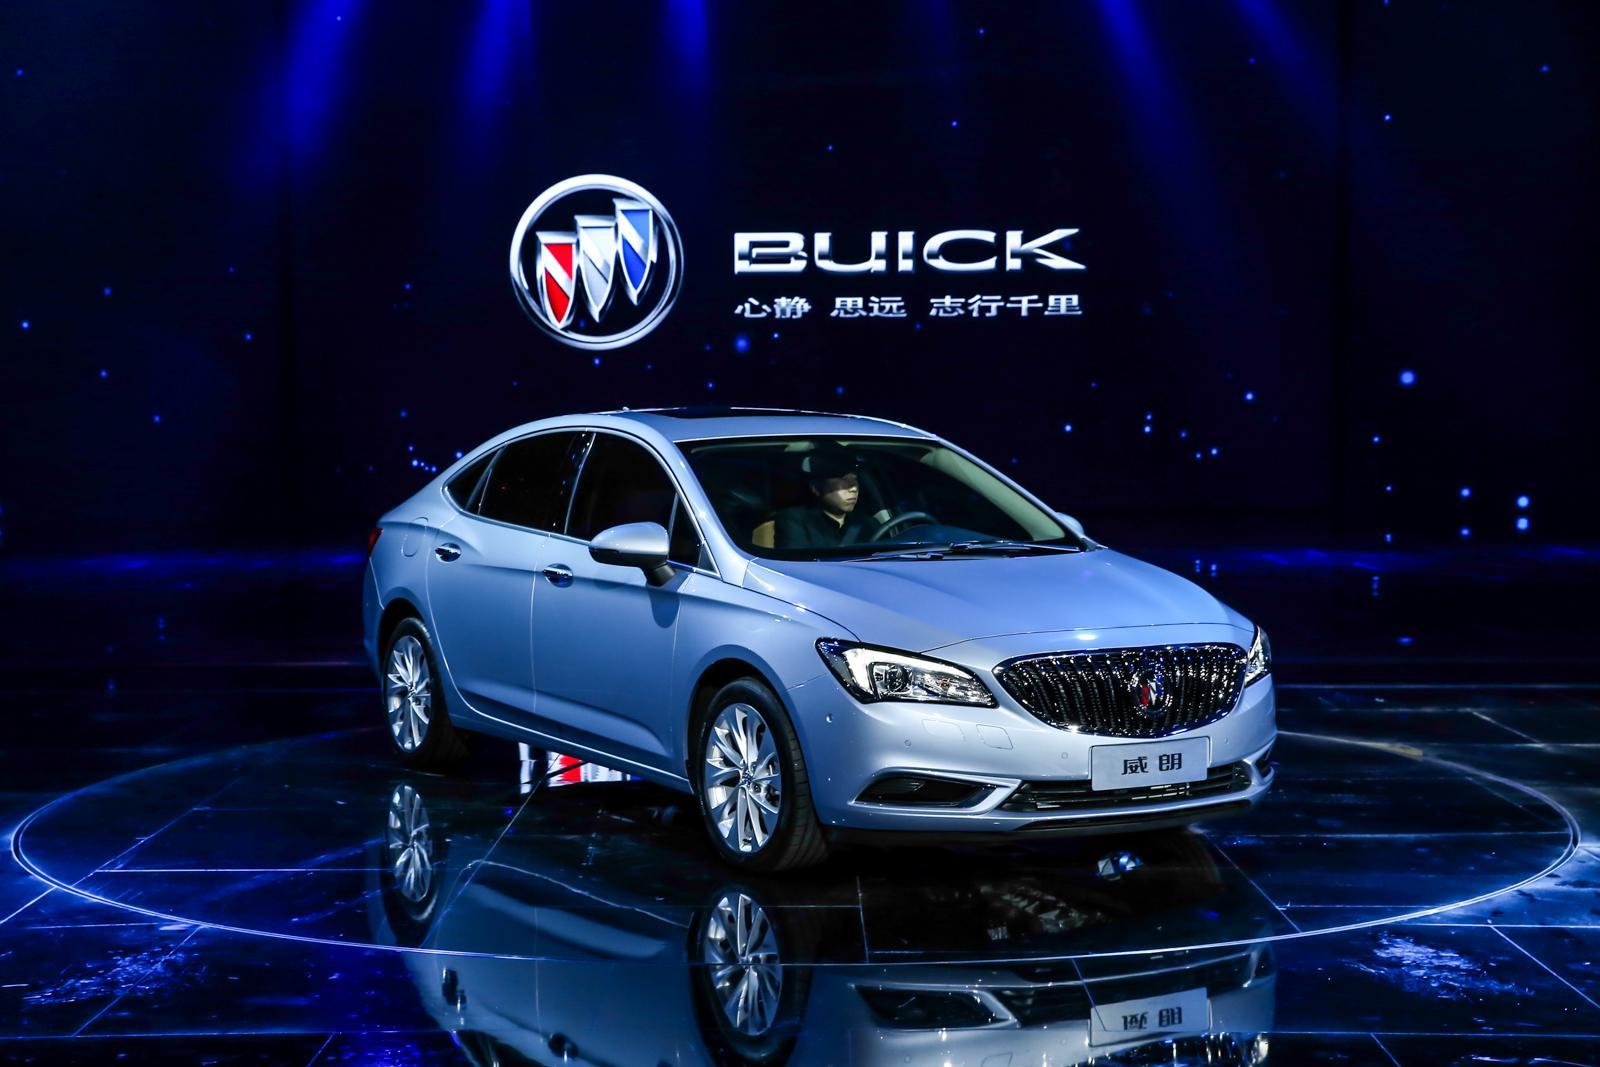 2016-buick-verano-cn-spec